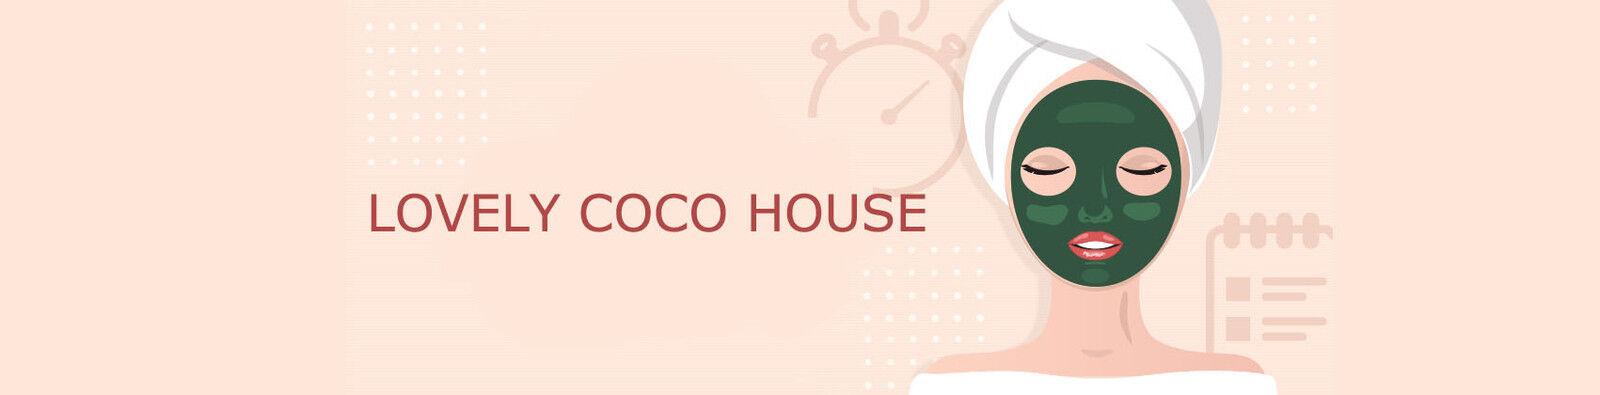 lovelycocohouse